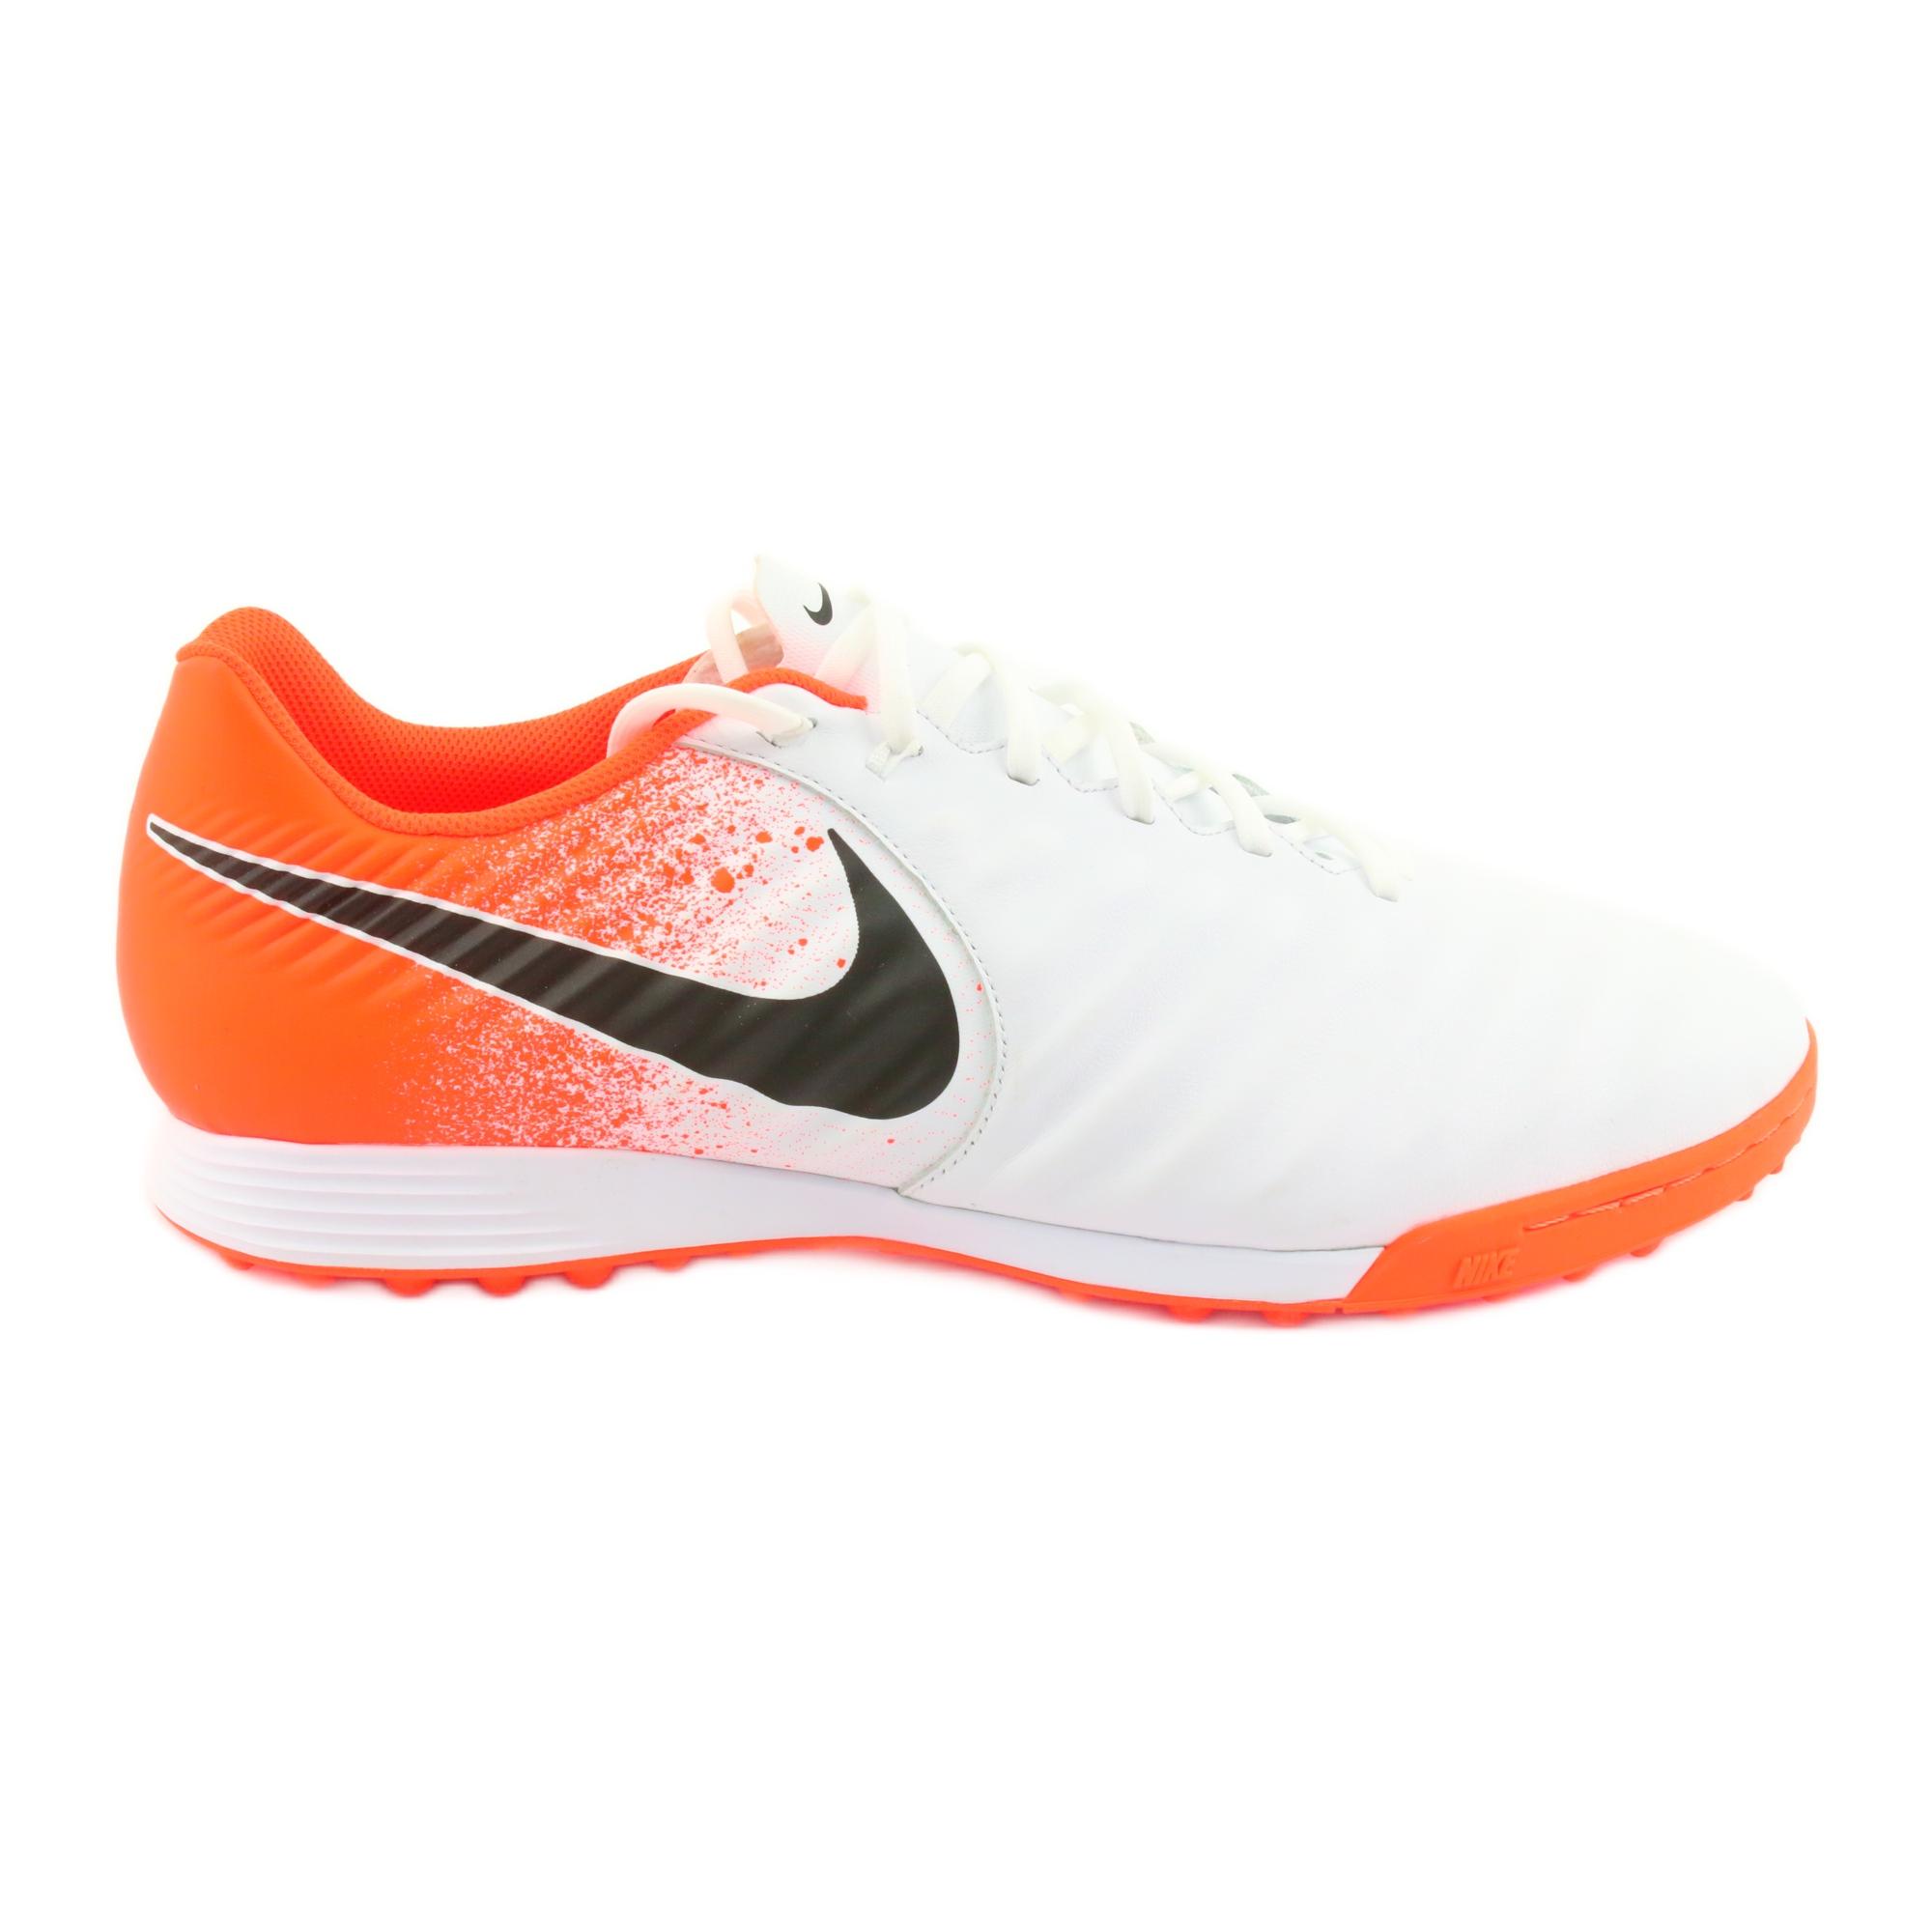 Zapatillas de fútbol Nike Tiempo LegendX 7 Academy Tf M AH7243 118 blanco naranja blanco